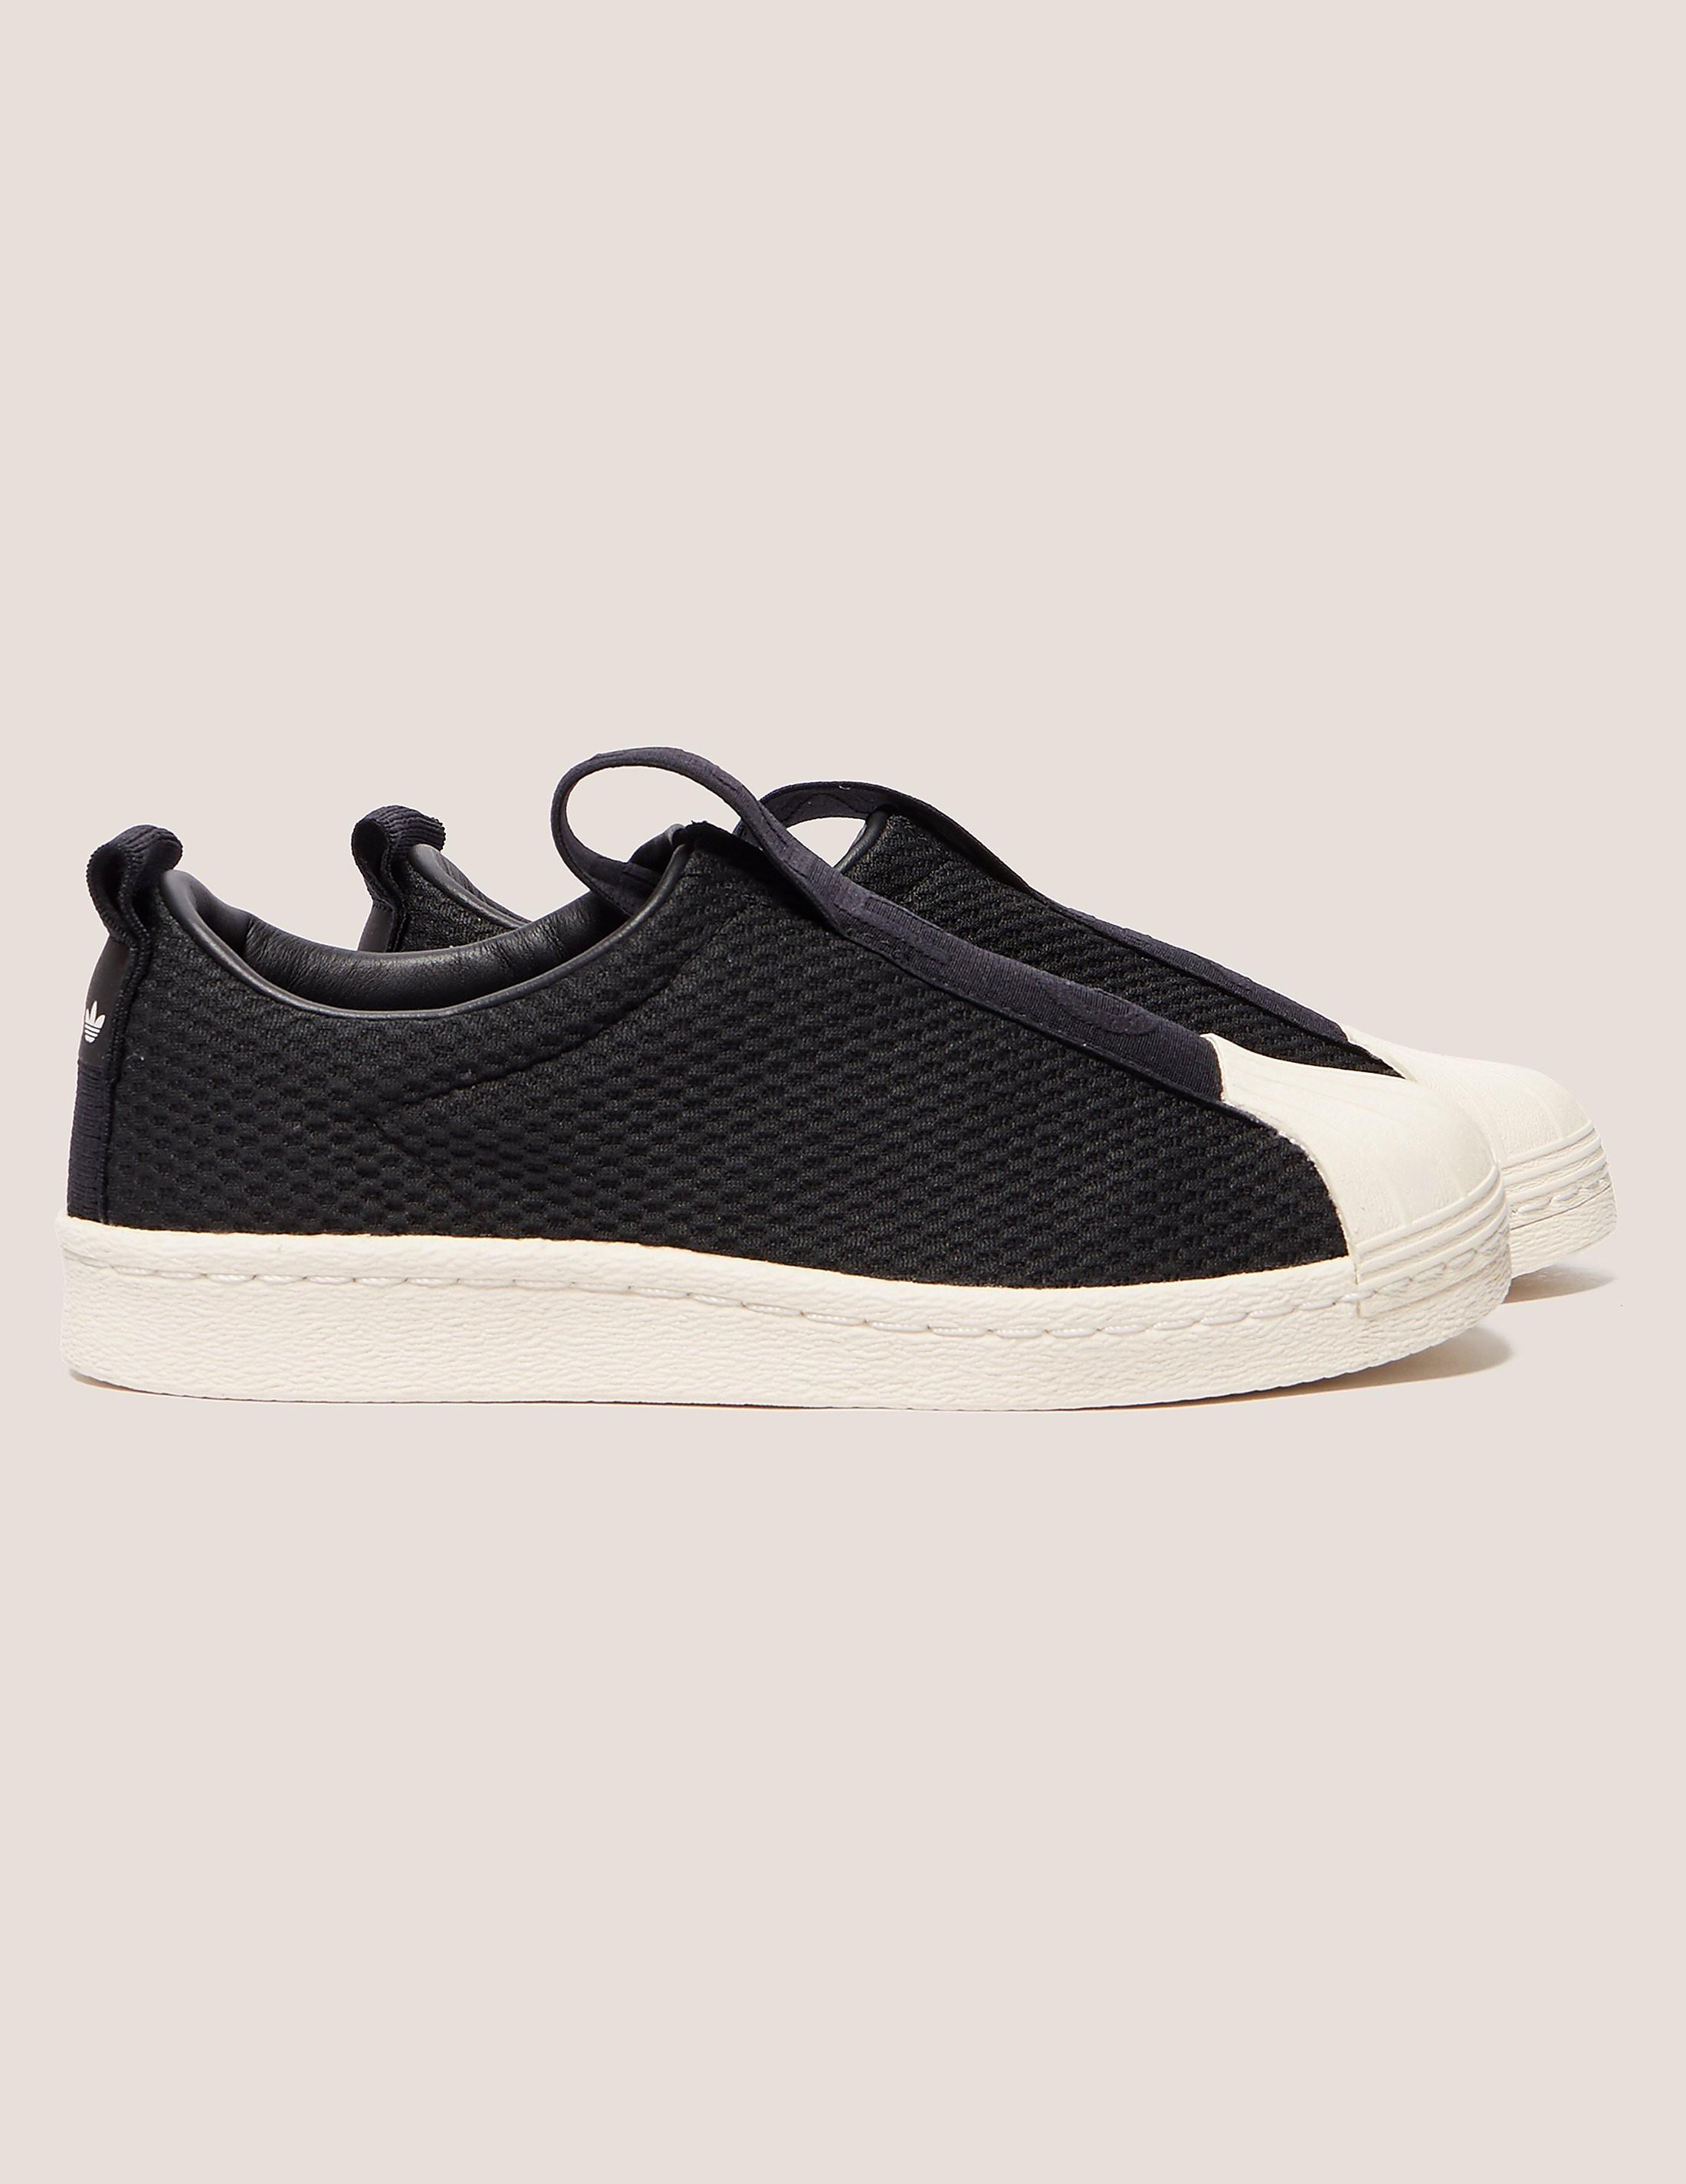 adidas Originals Superstar BW35 Slip-On Women's